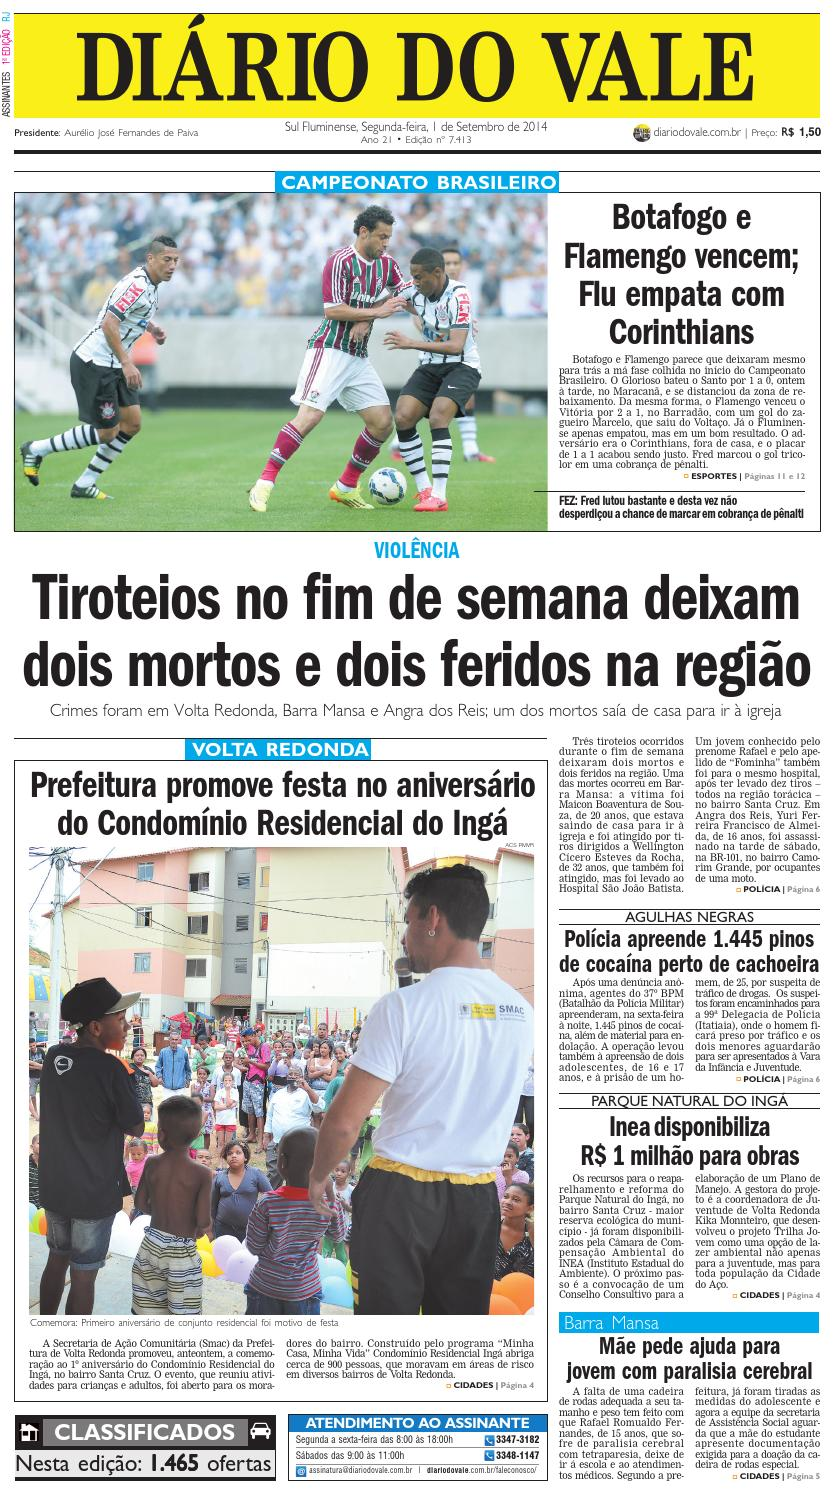 dc37b1d724 7413 diario segunda feira 01 09 2014 by Diário do Vale - issuu